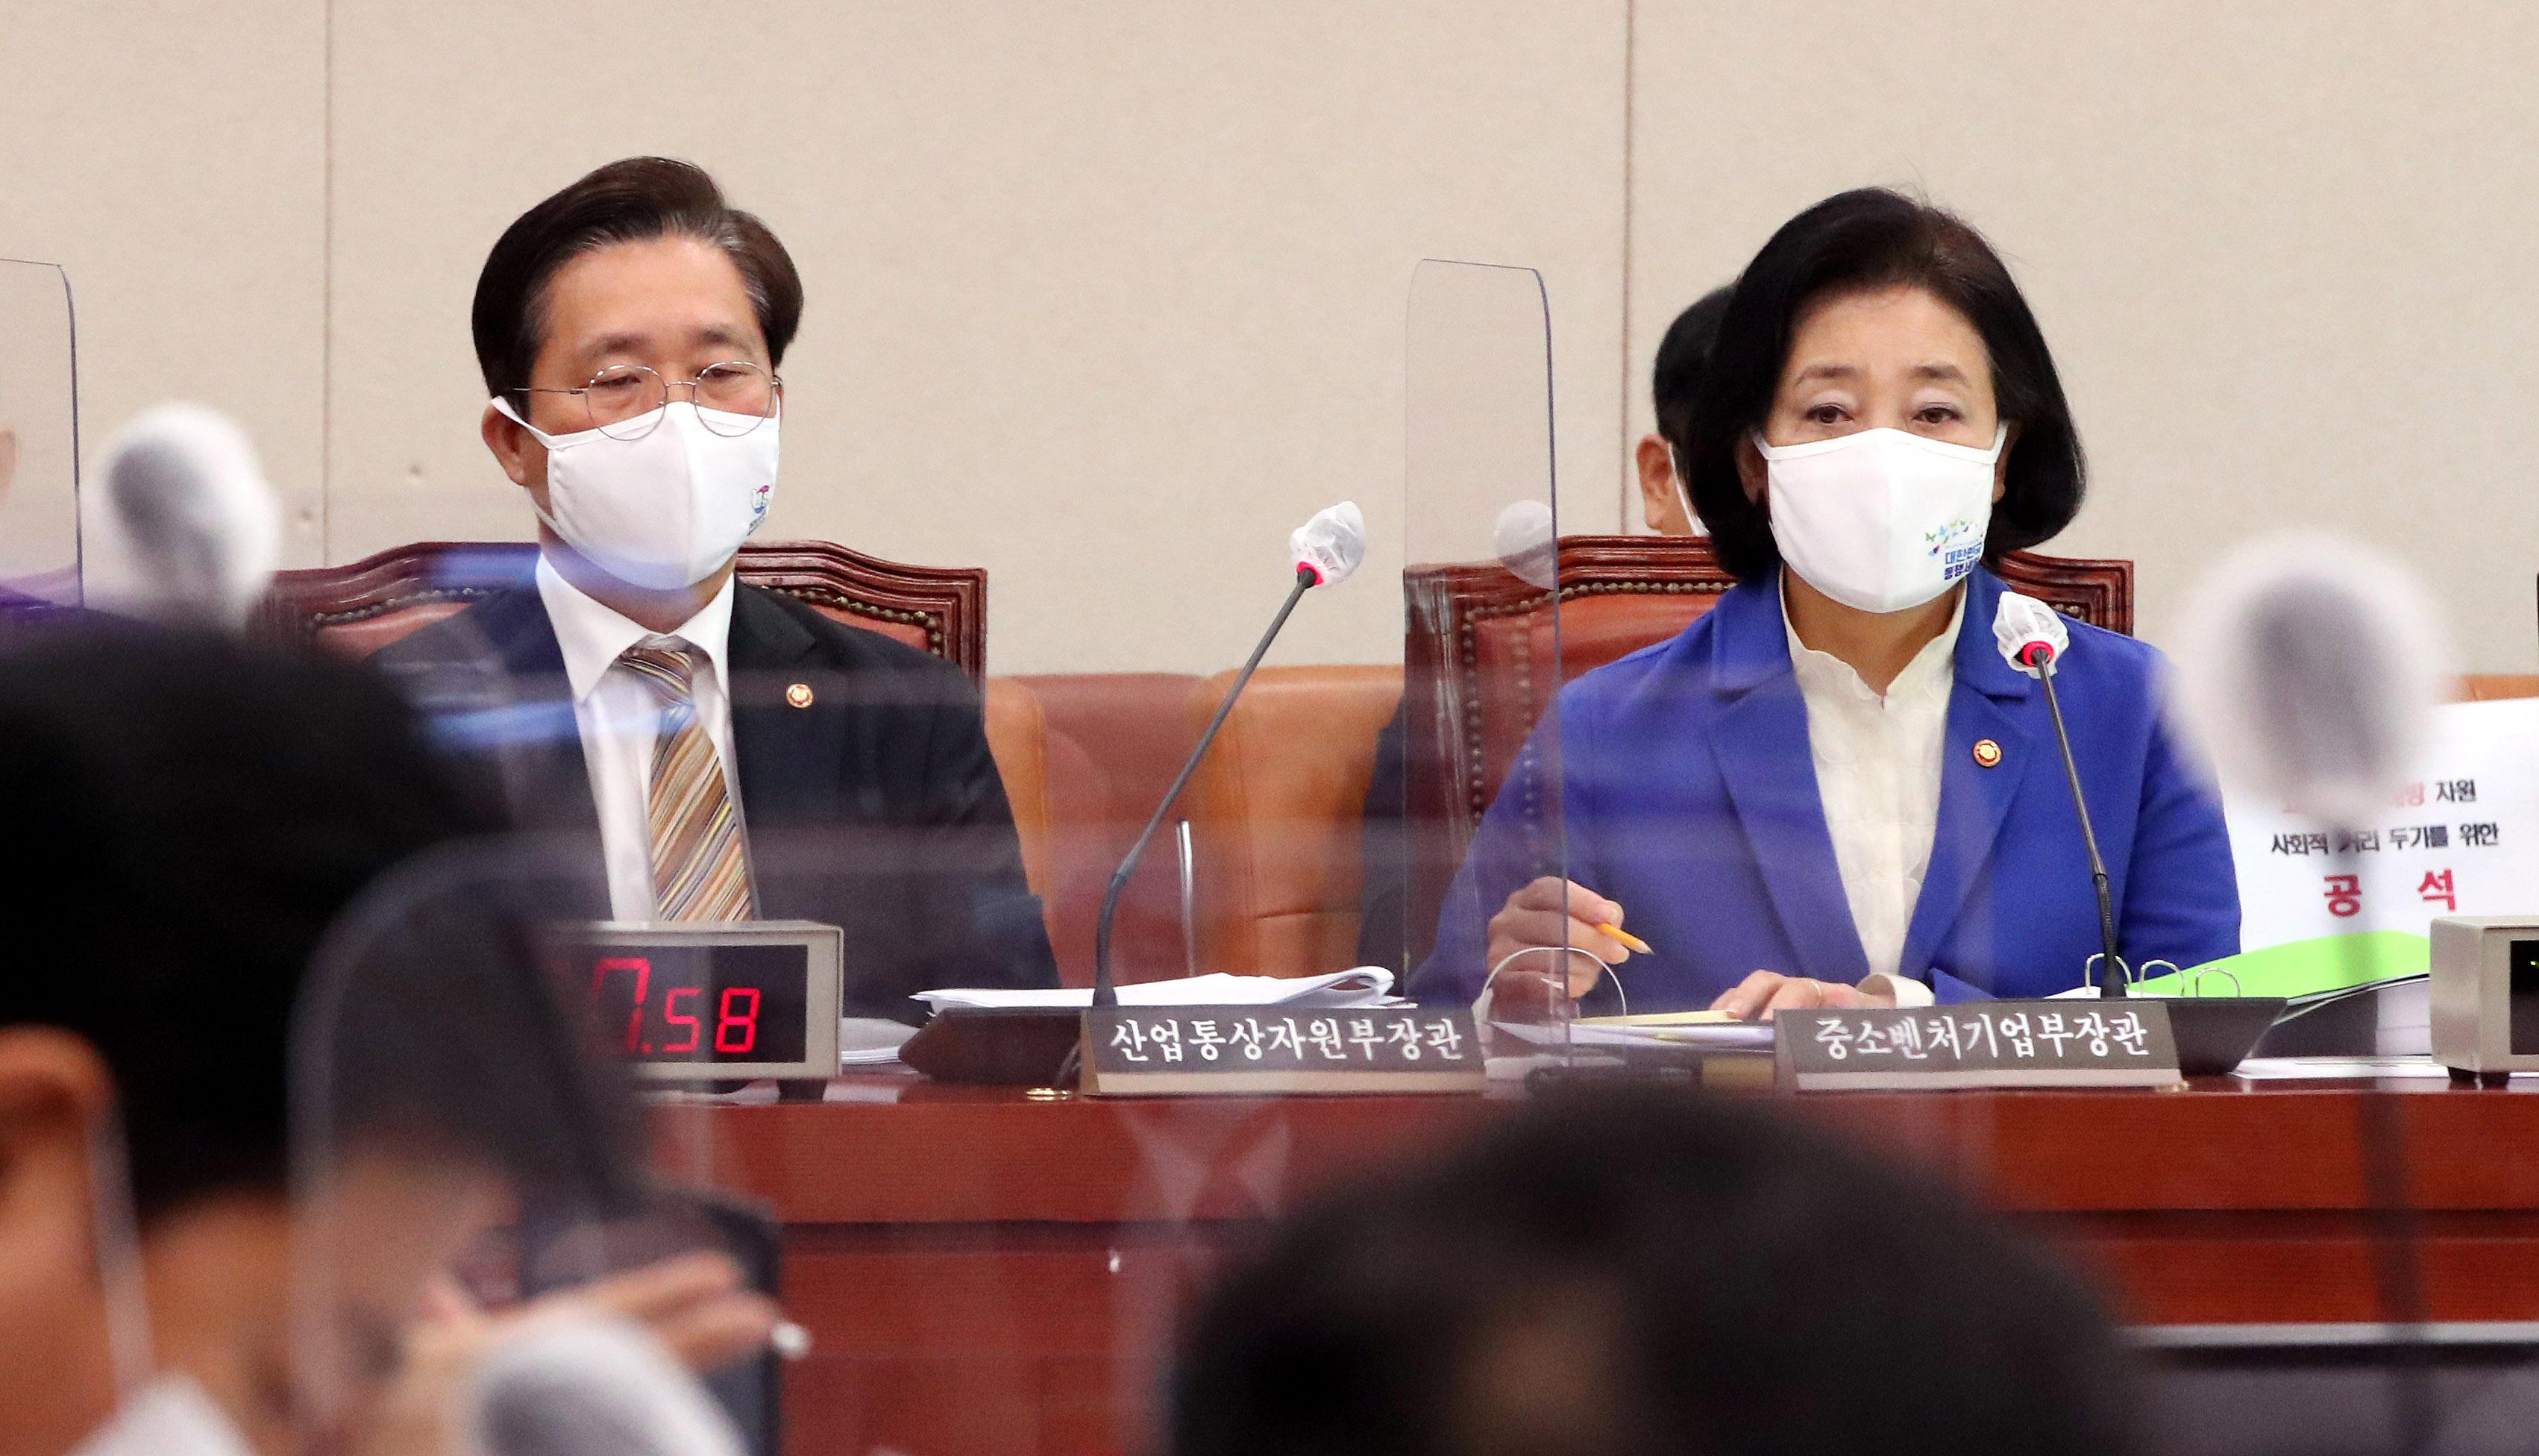 국회 산자위 시작으로 '상임위별 심사 착수'